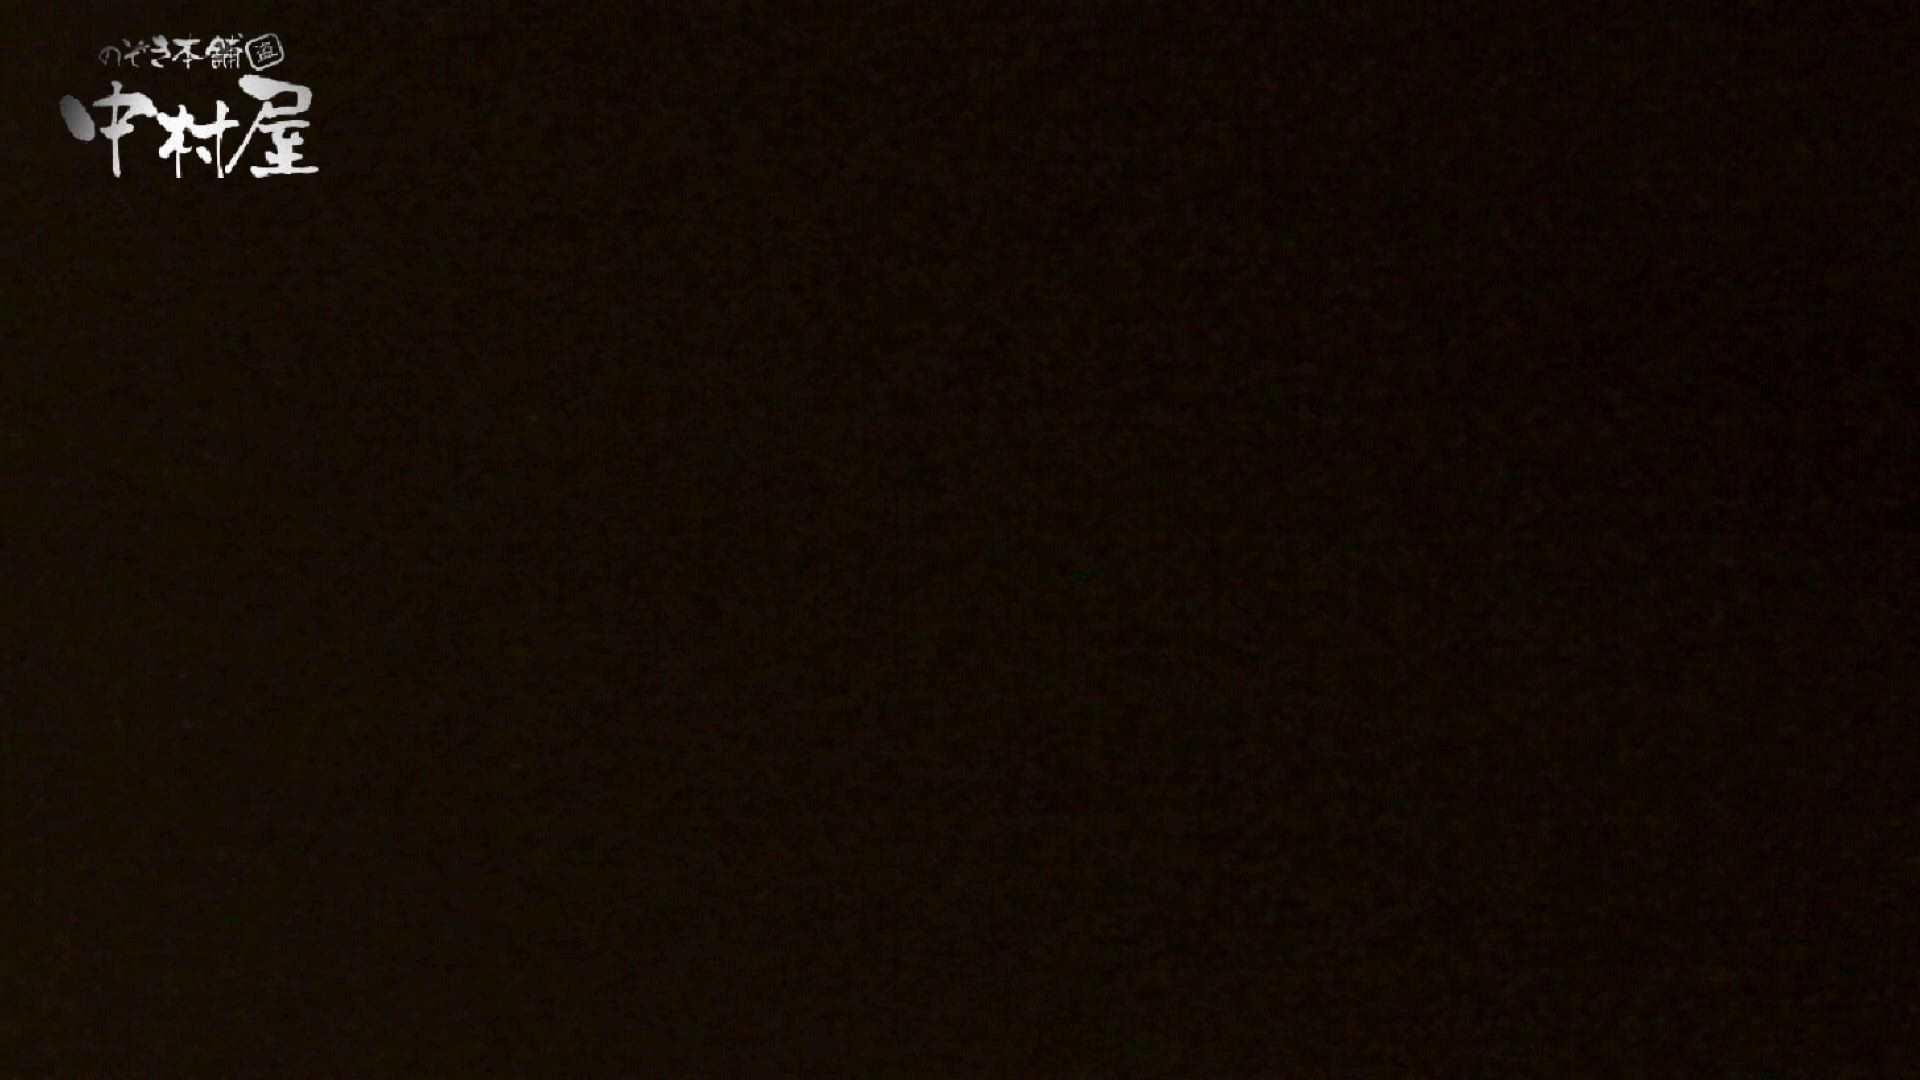 【世界の射窓から】世界の射窓から vol.12 OLエロ画像  83PICs 76